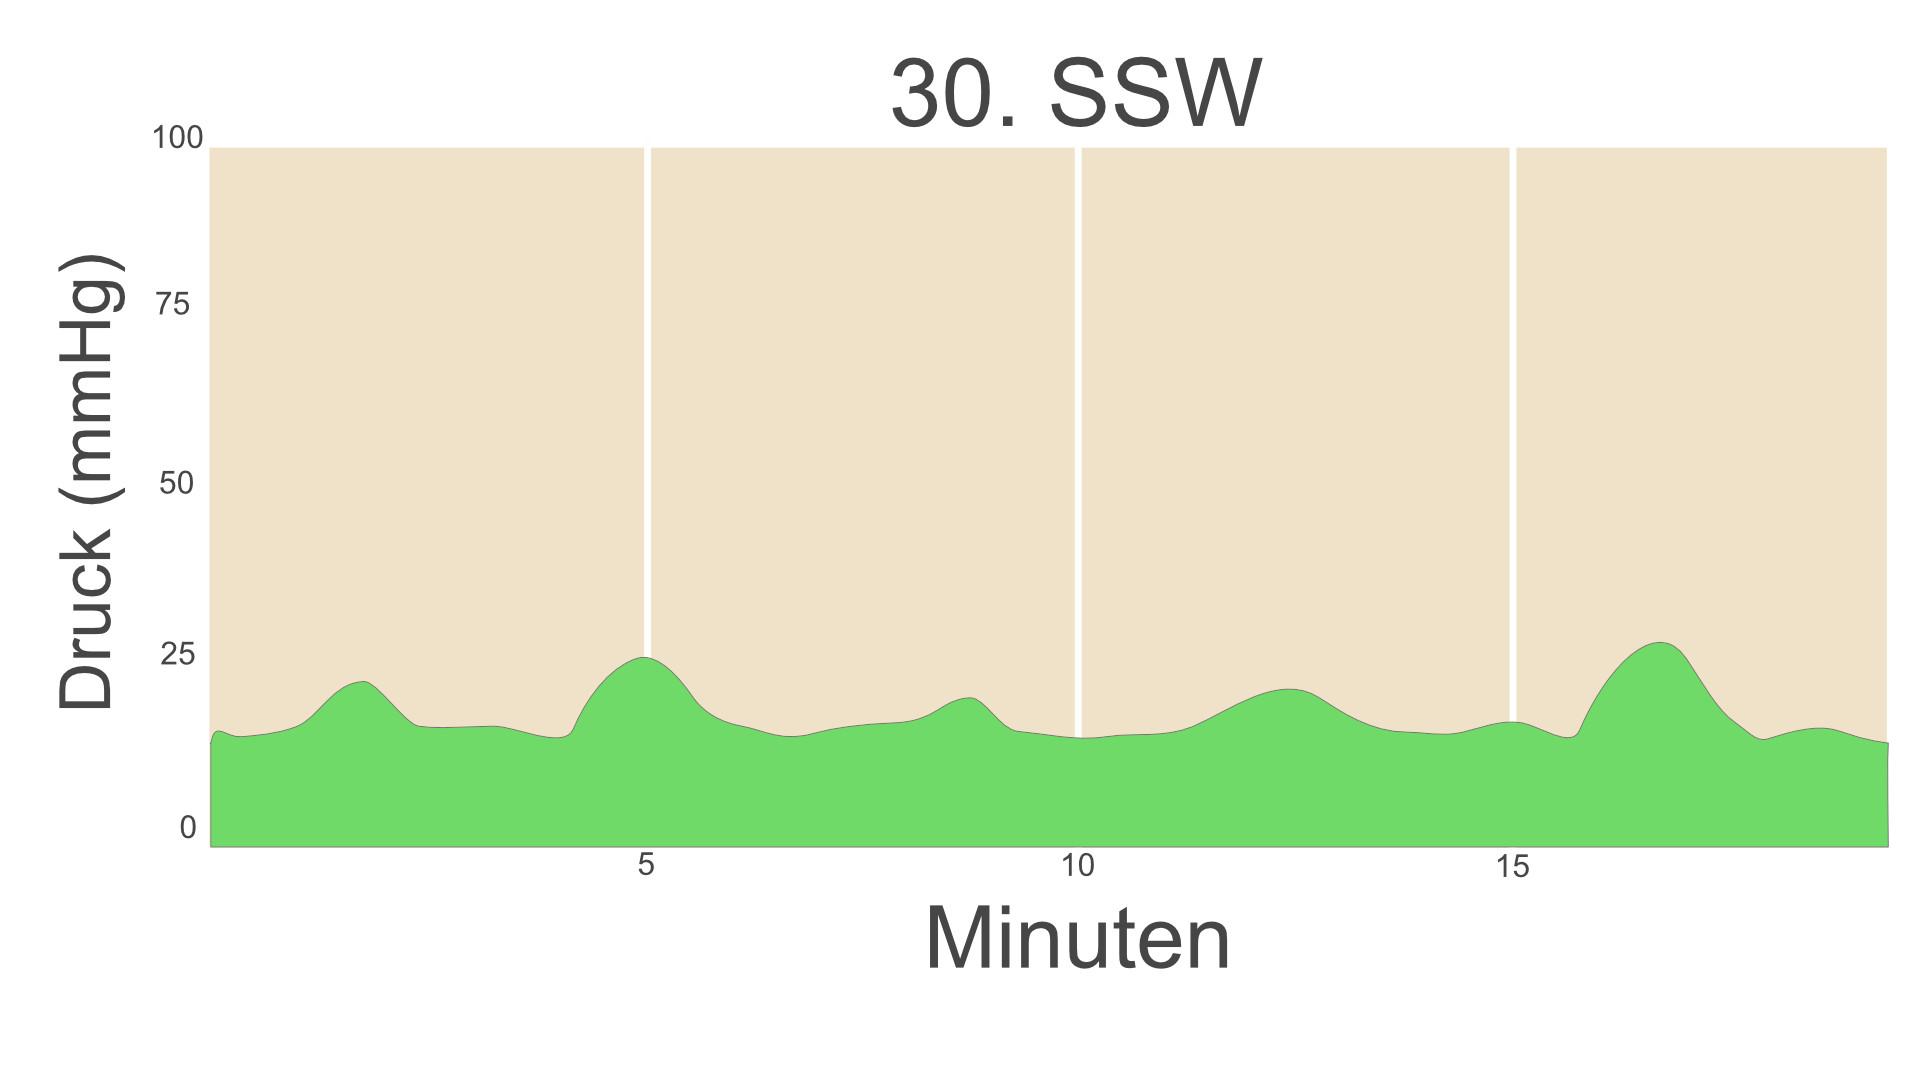 30. SSW